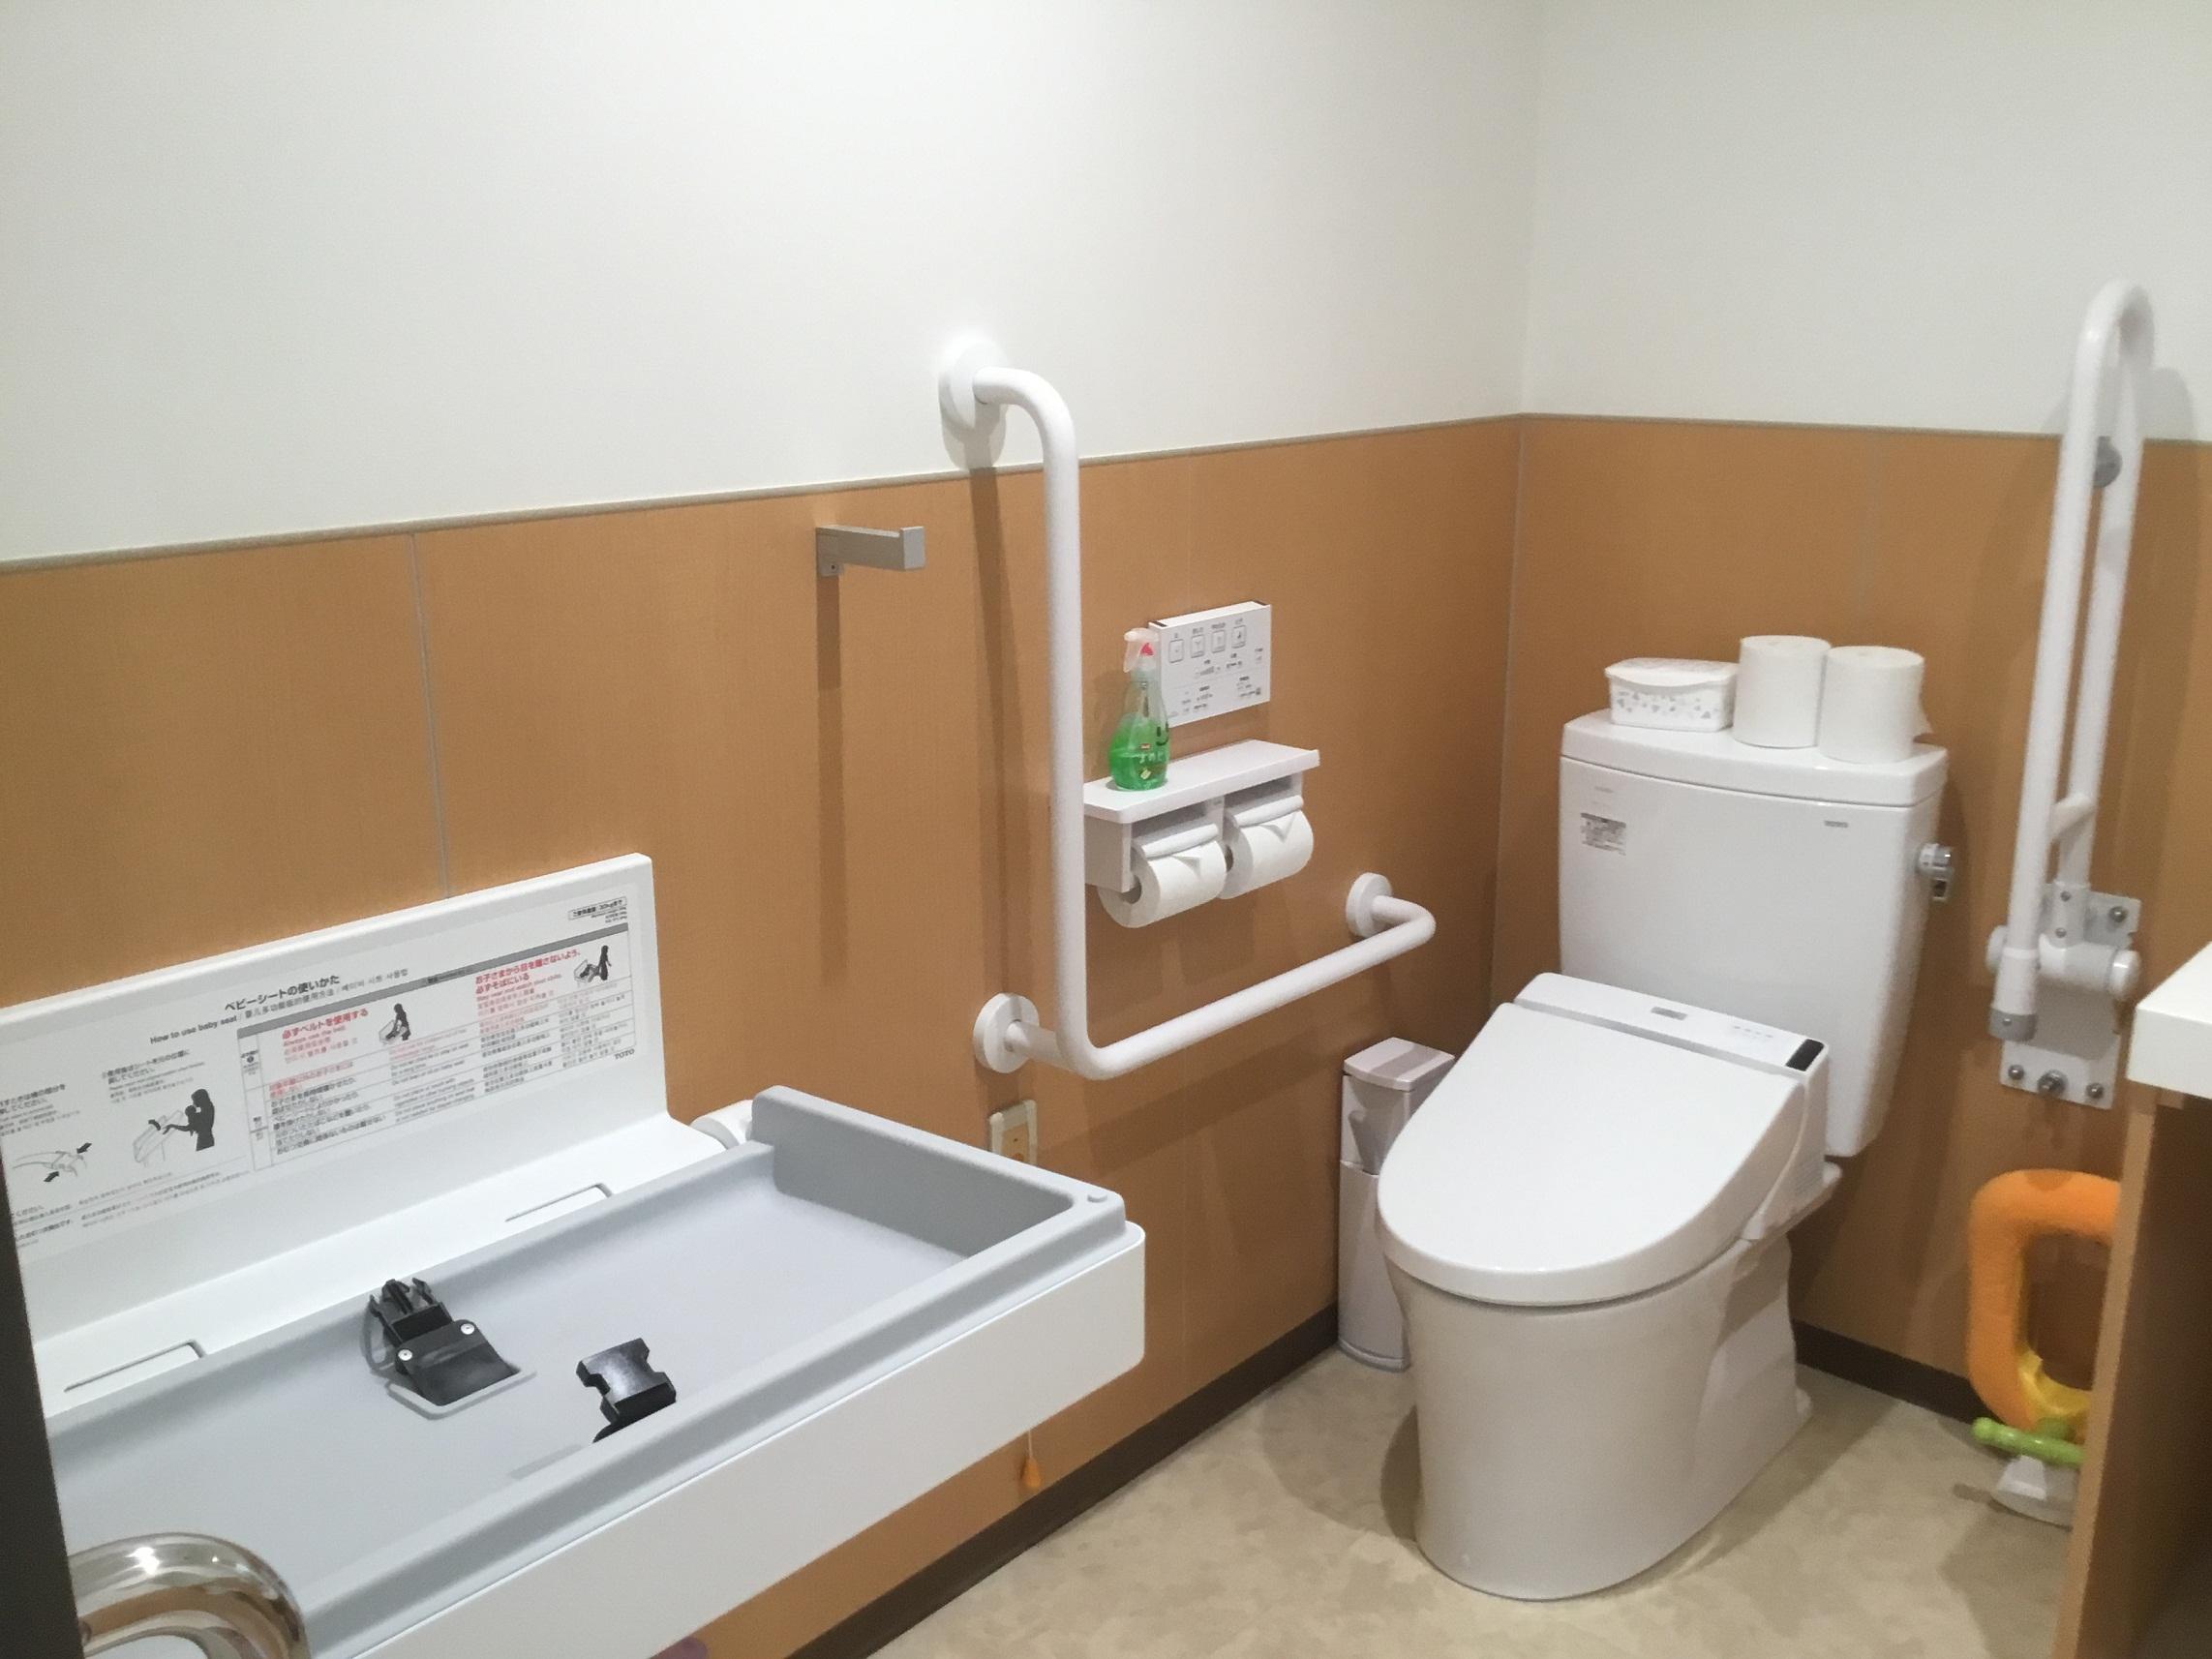 多目的トイレにはおむつ交換台や補助便座があります